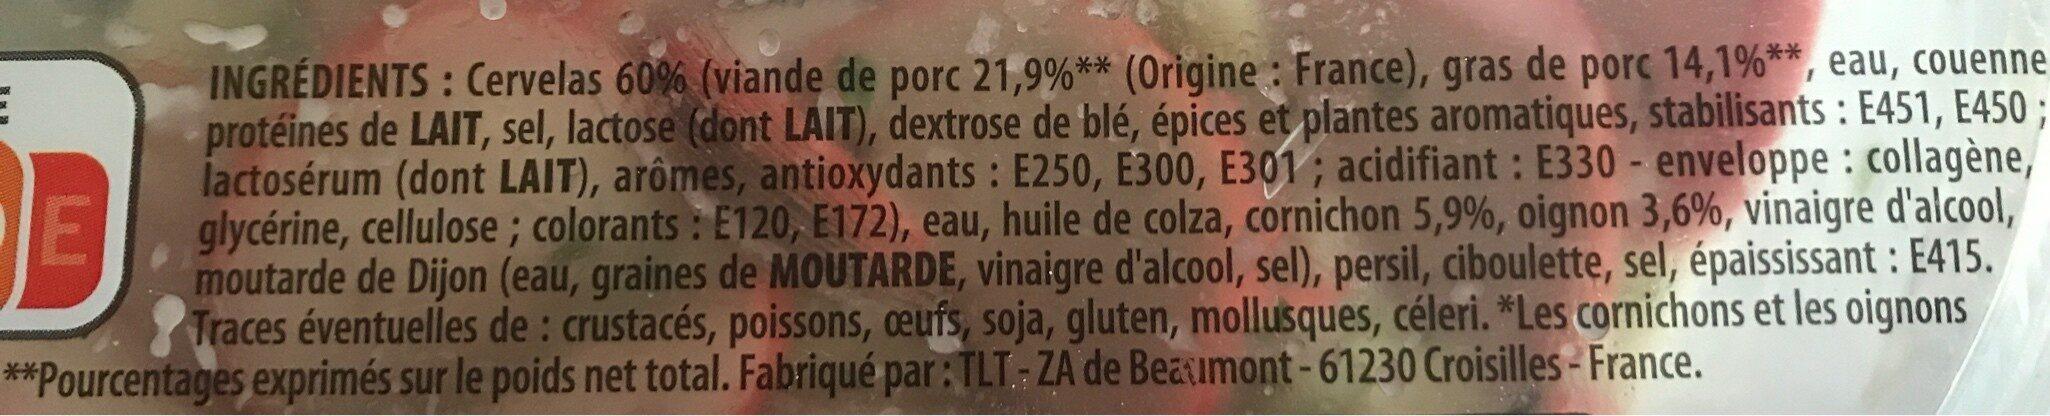 Salade de cervelas - Ingrédients